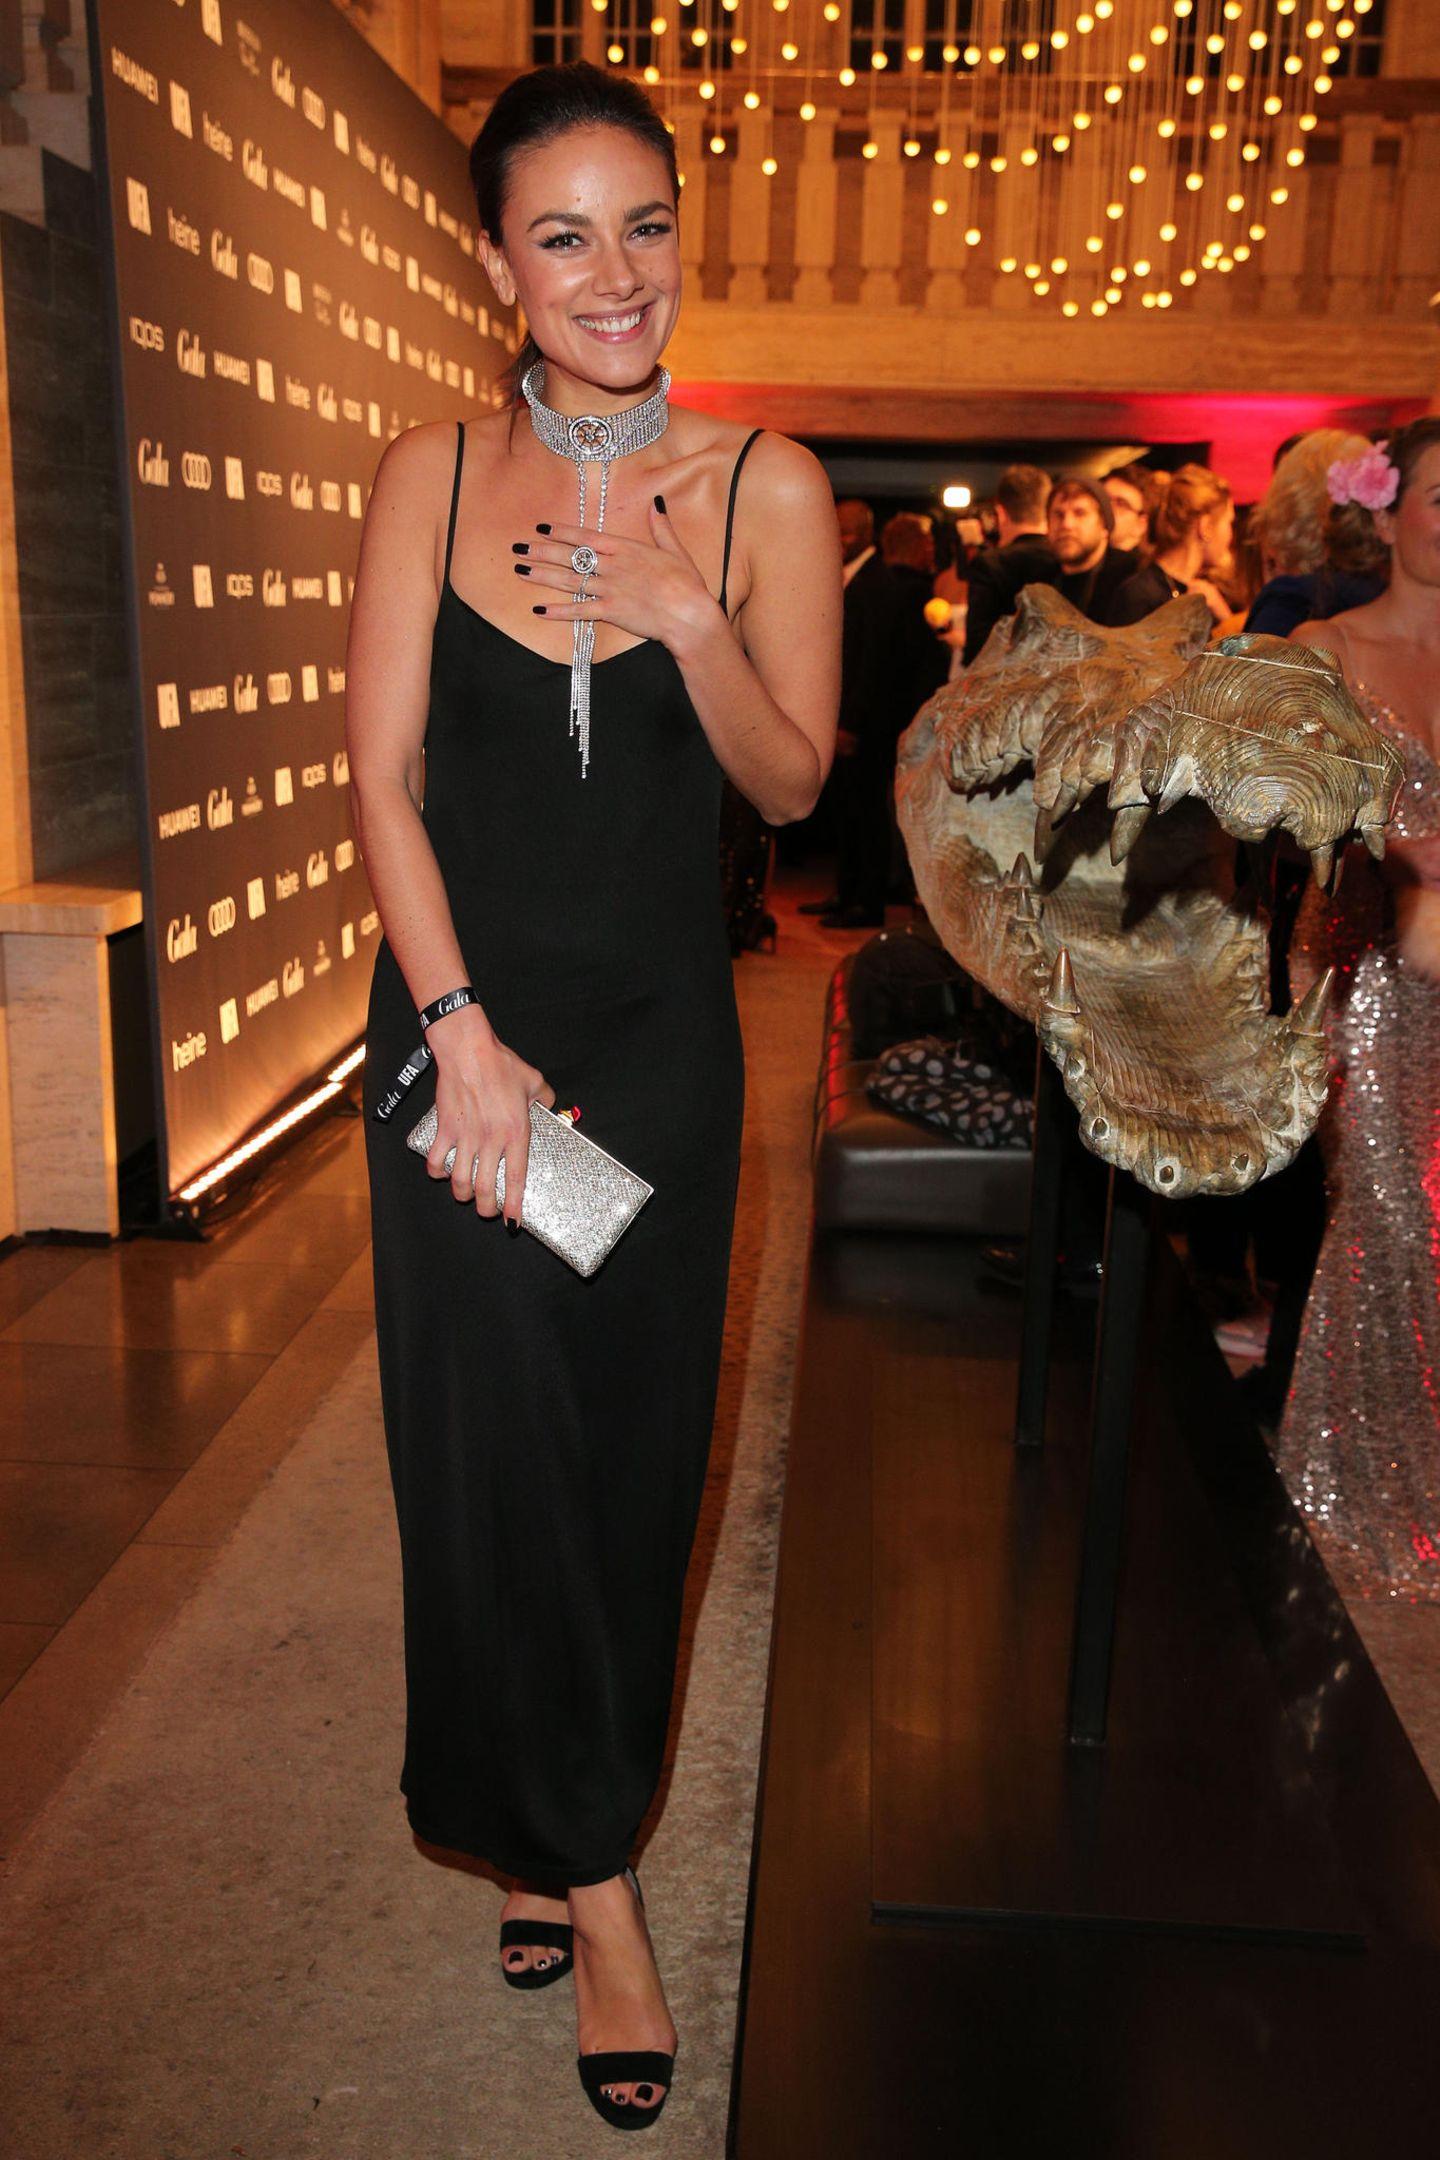 SchauspielerinJanina Uhse neben einschüchternder Dekoration.